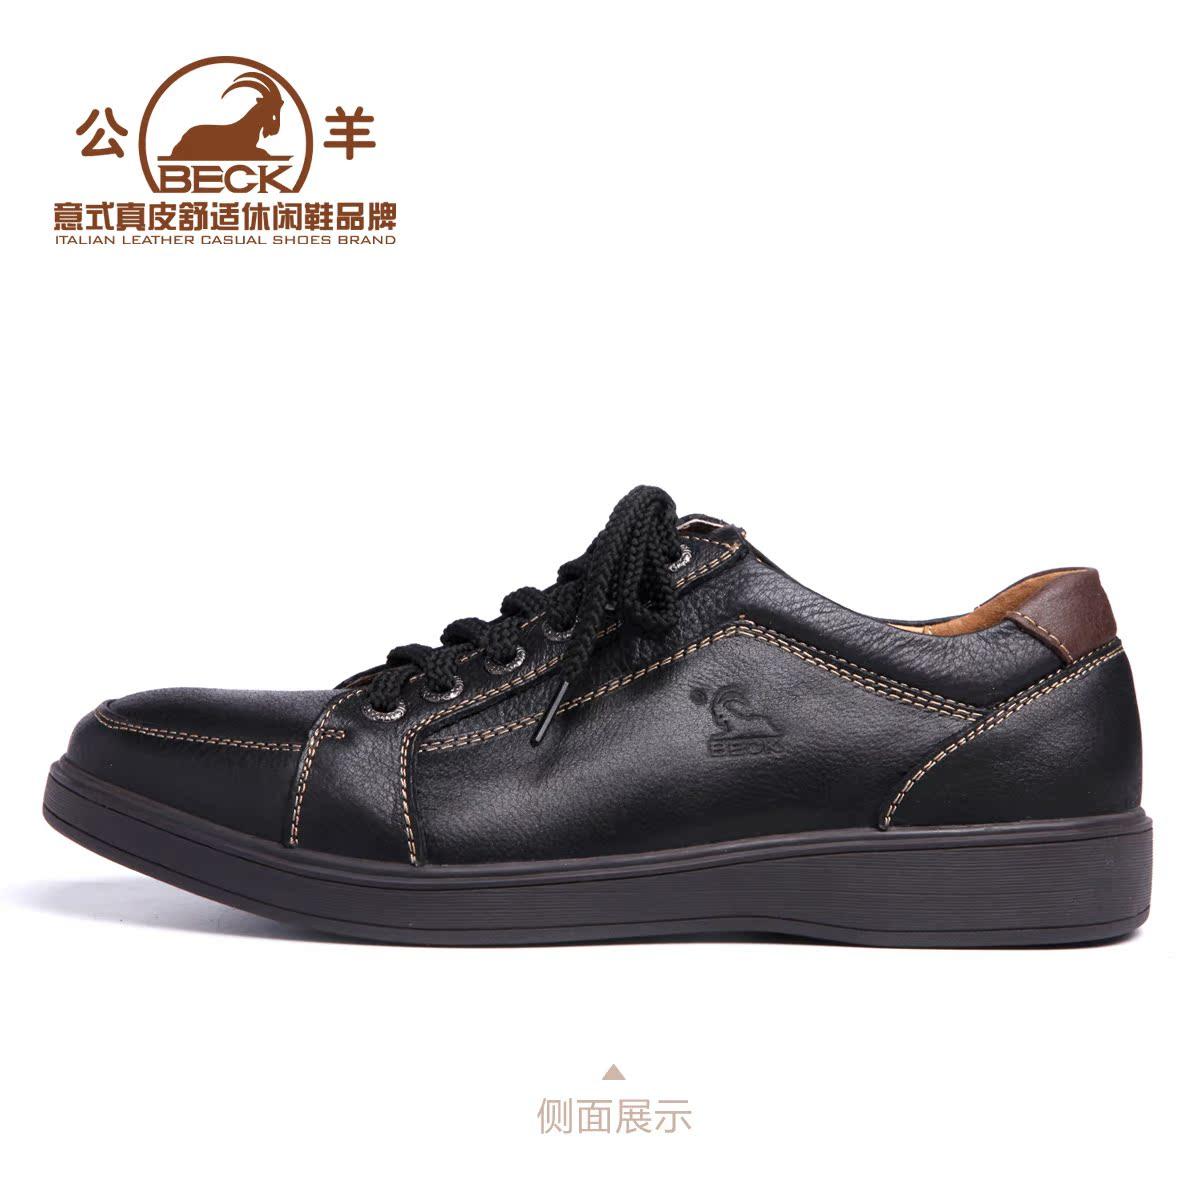 Демисезонные ботинки Ram gyd99003 BECK